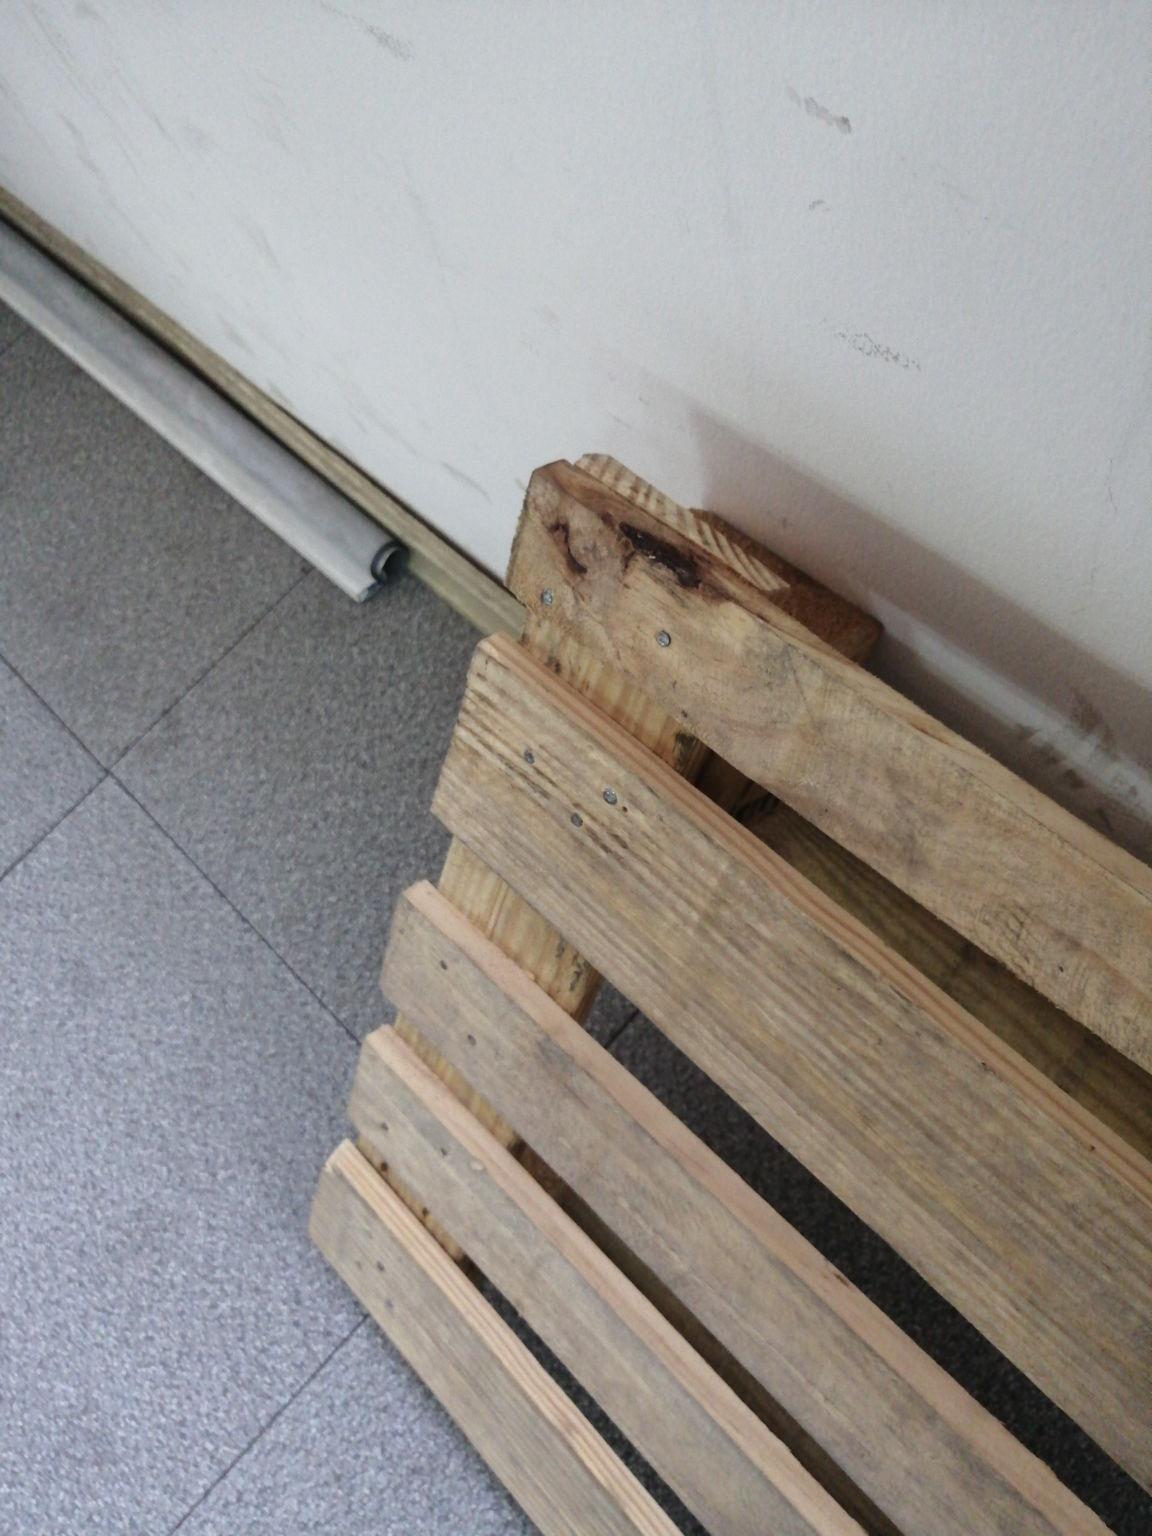 盐城附近实木托盘费用及实木托盘厂家推荐1.上海天丰